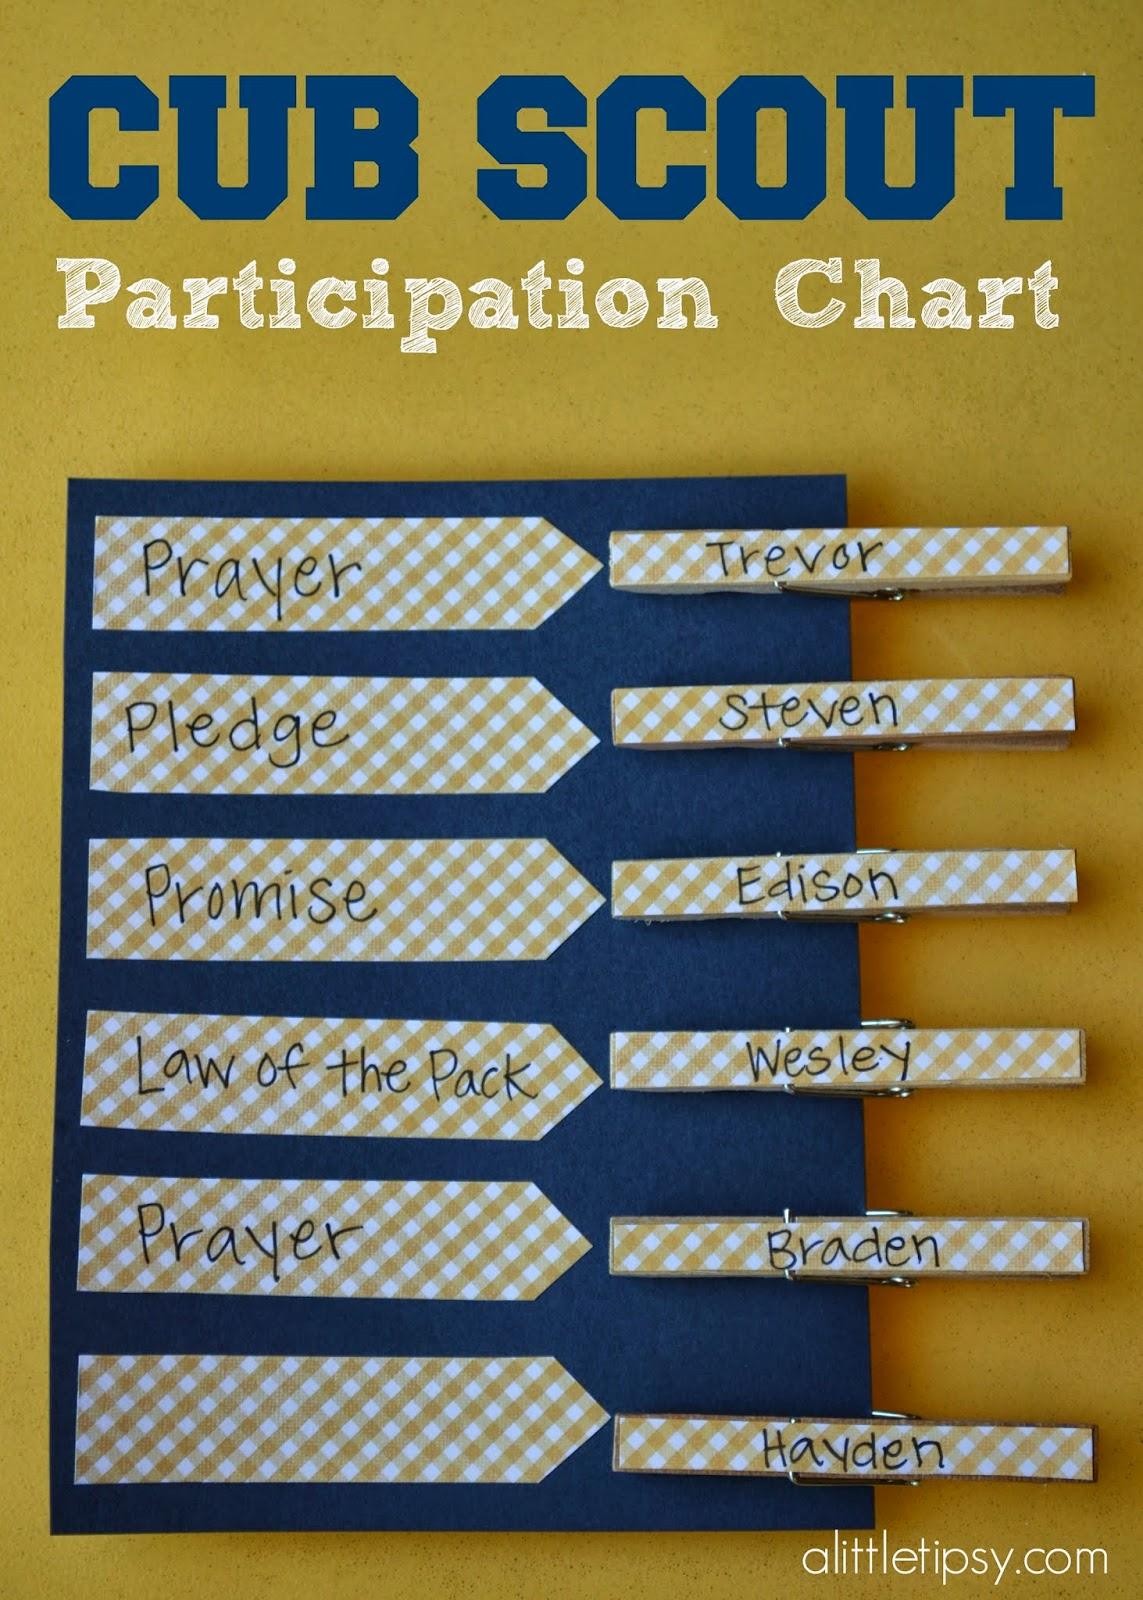 Cub Scout Participation Chart